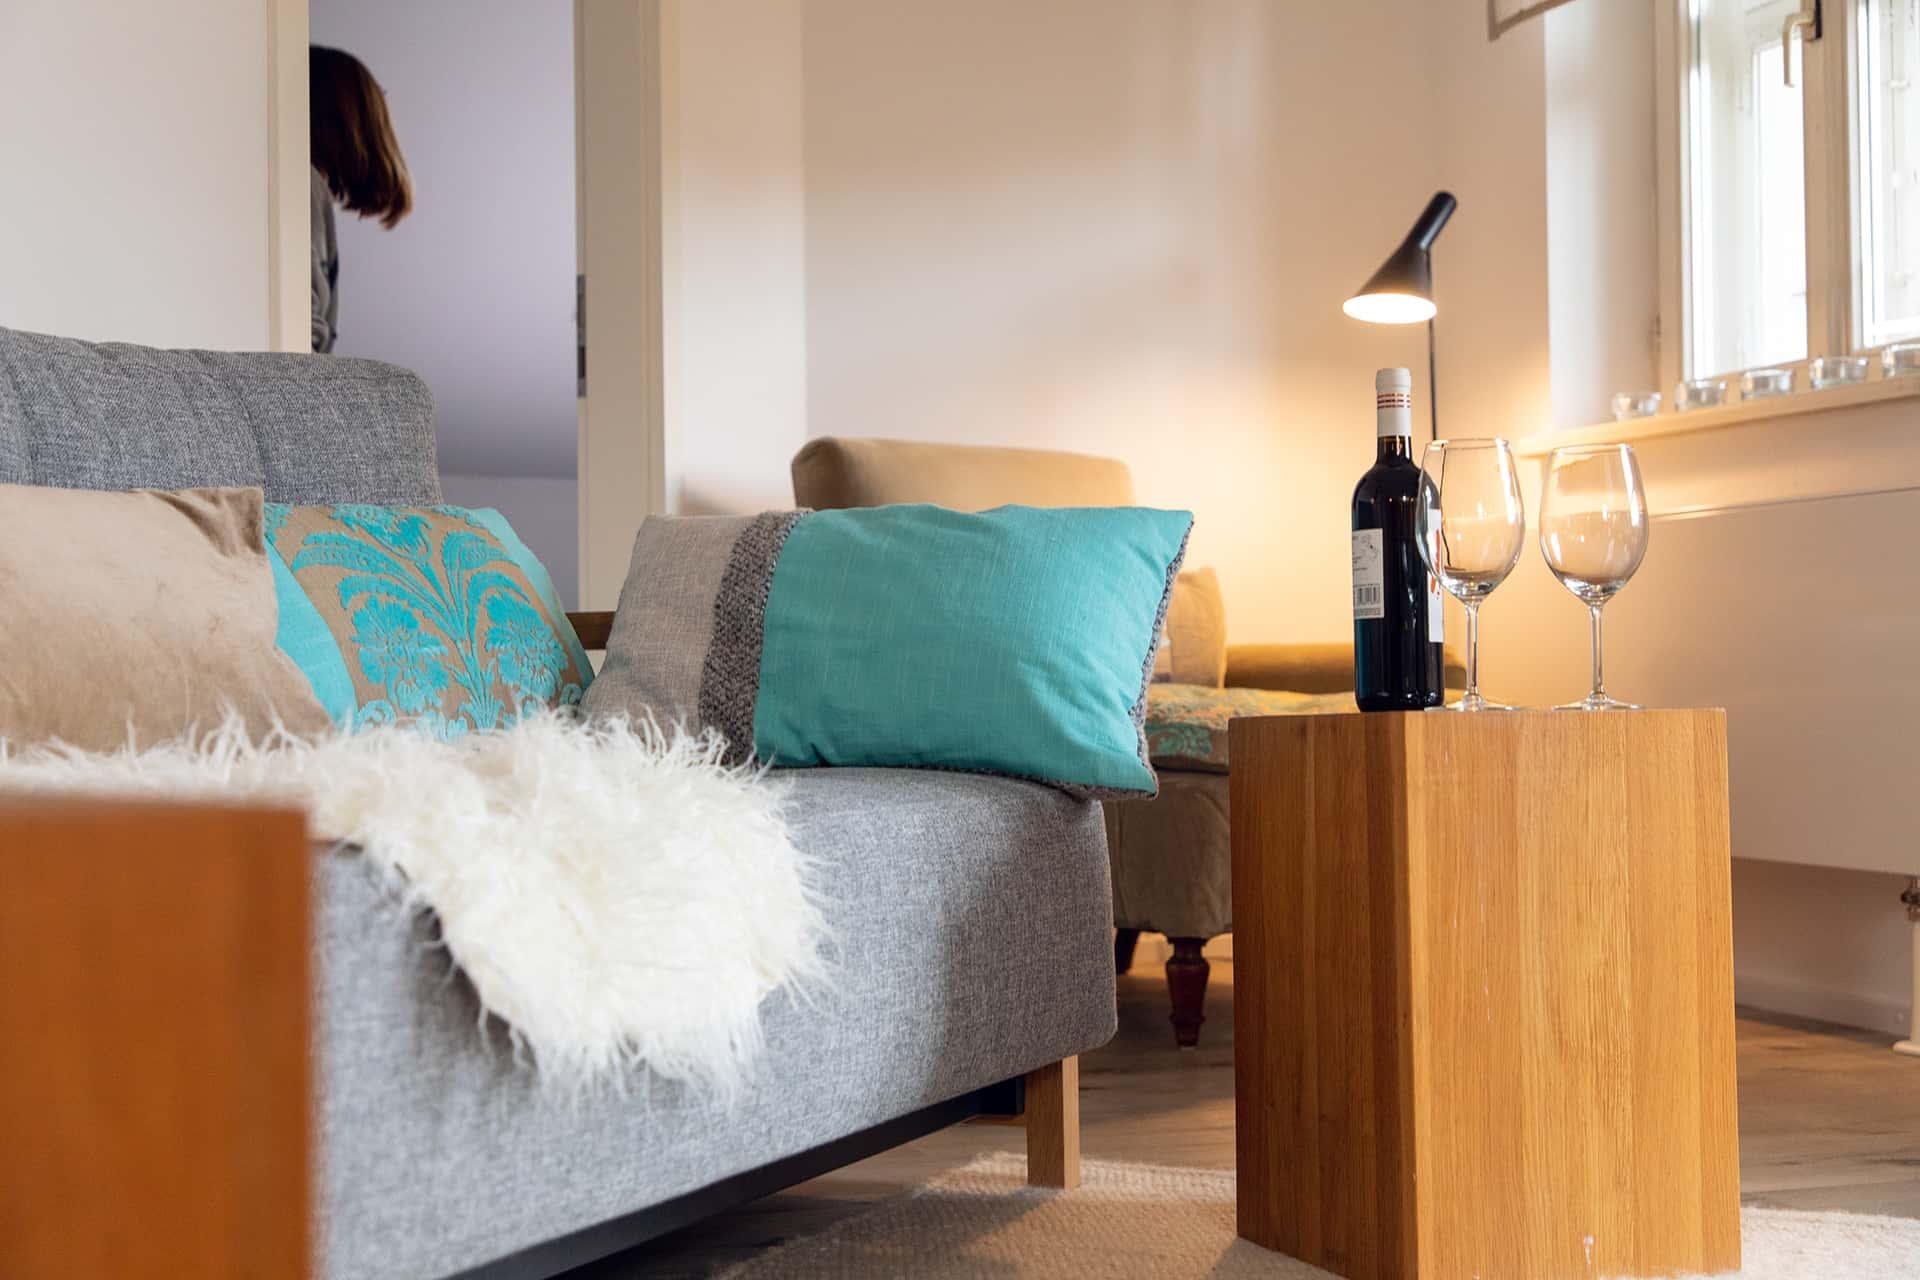 Ferienwohnung Das Lissi, Wohnzimmer, Schlafsofa